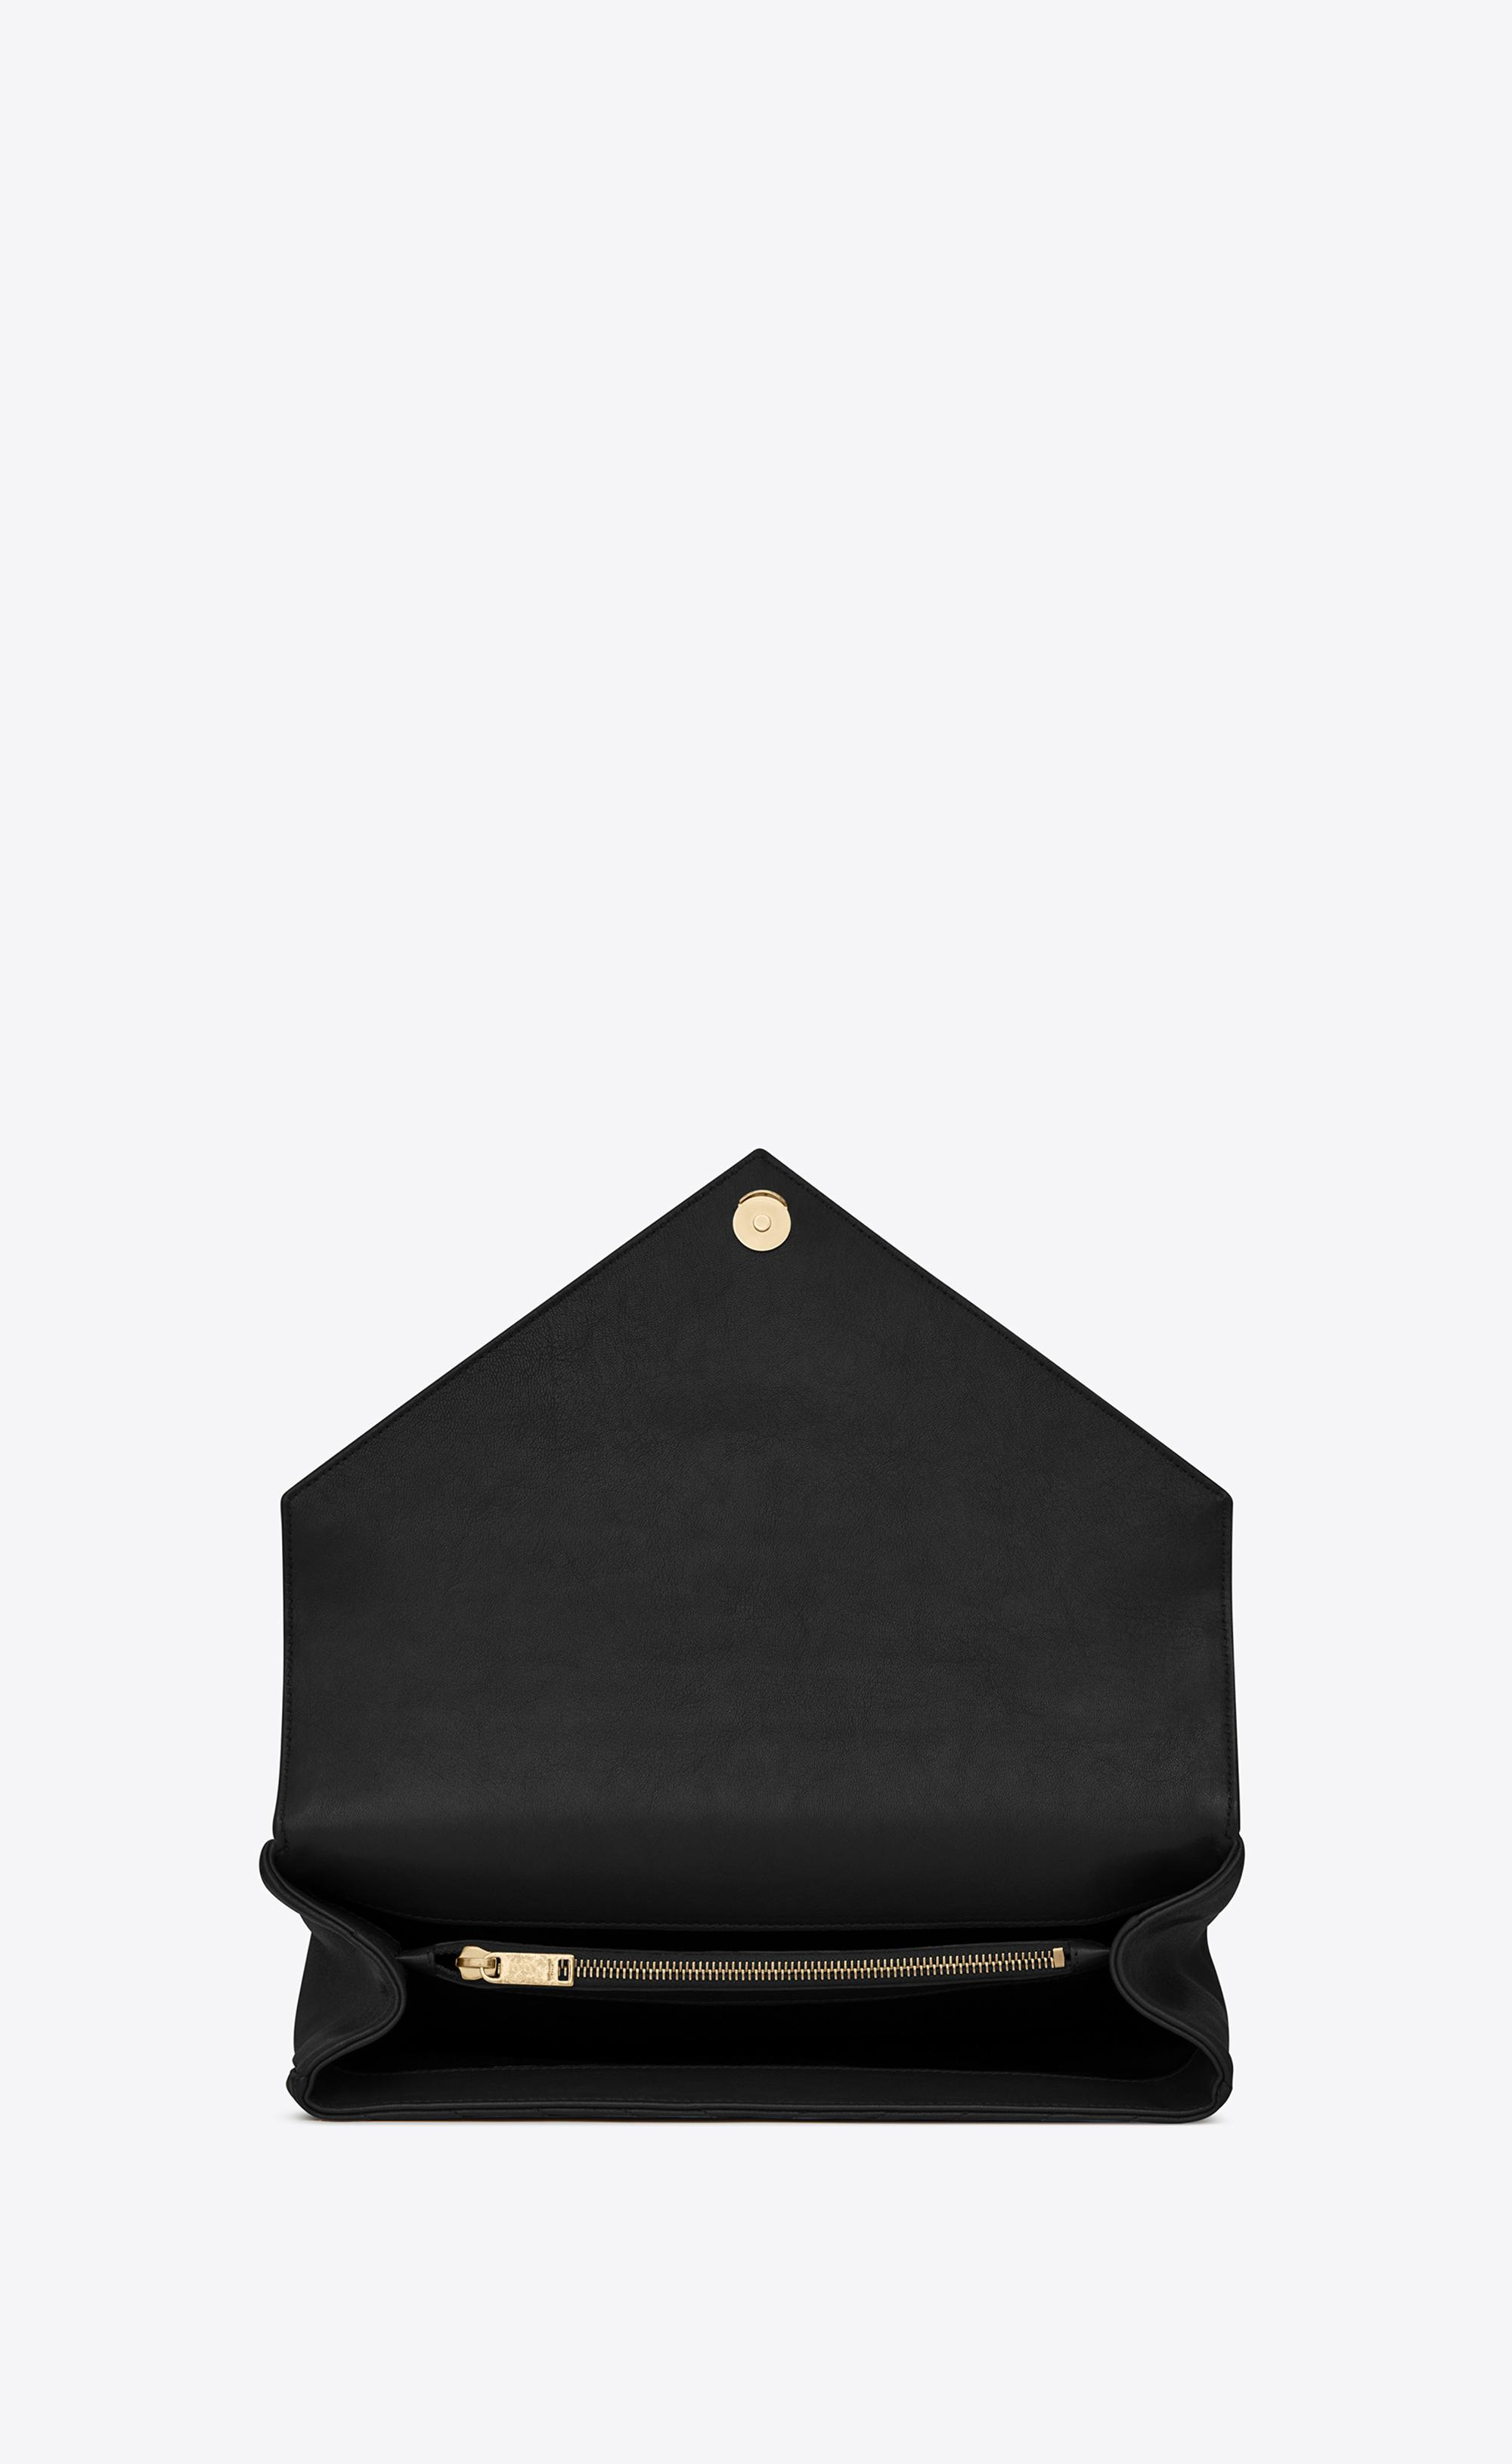 Lyst - Saint Laurent Large Collège Bag In Black Matelassé Leather ... 2a9ec7d6de10a